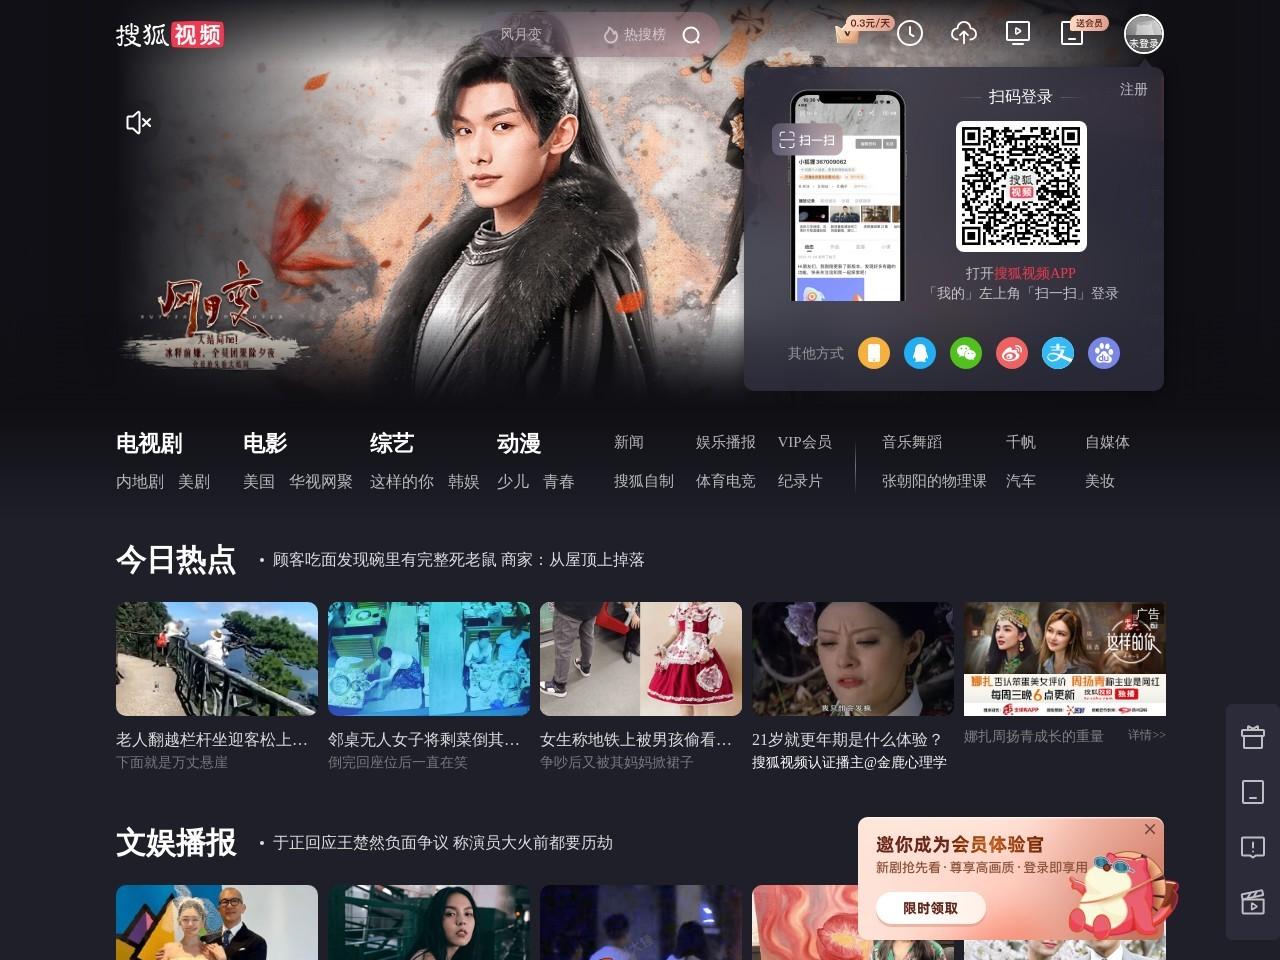 郑希怡蓝色礼服性感亮相 直言女性不该被定义-娱乐视频-搜狐视频